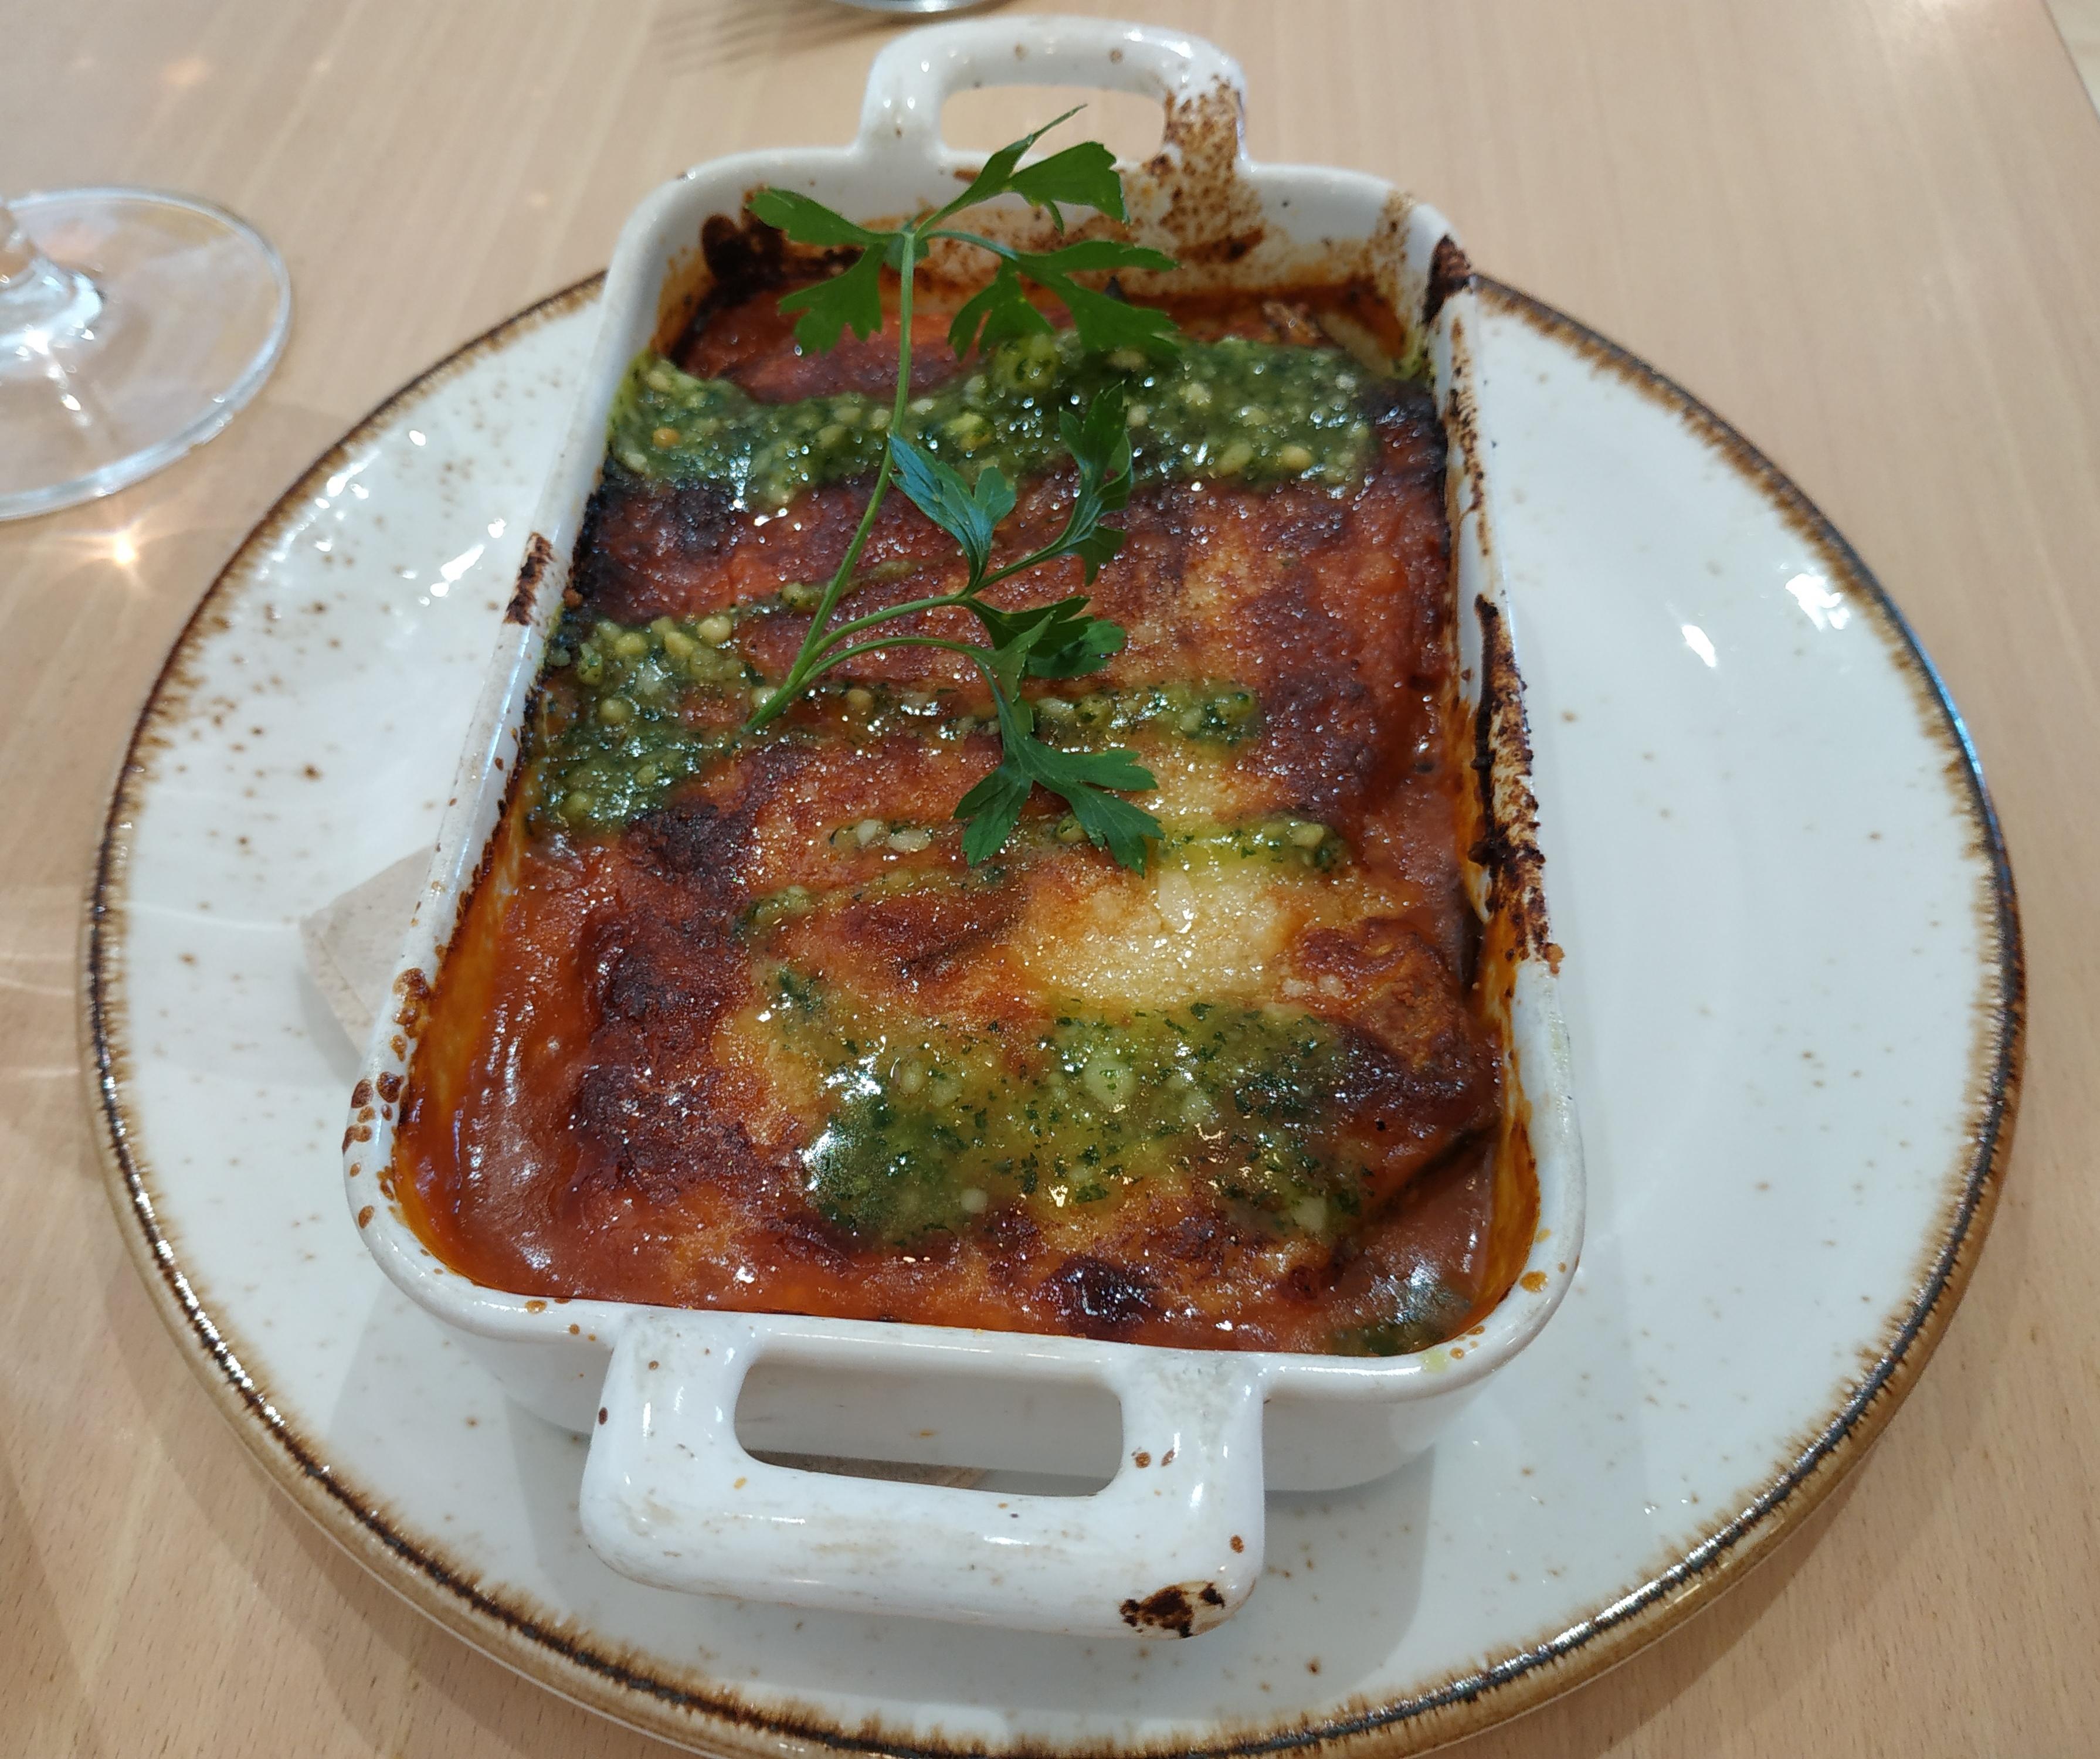 Restaurante El curry verde Parmigiana de berenjenas